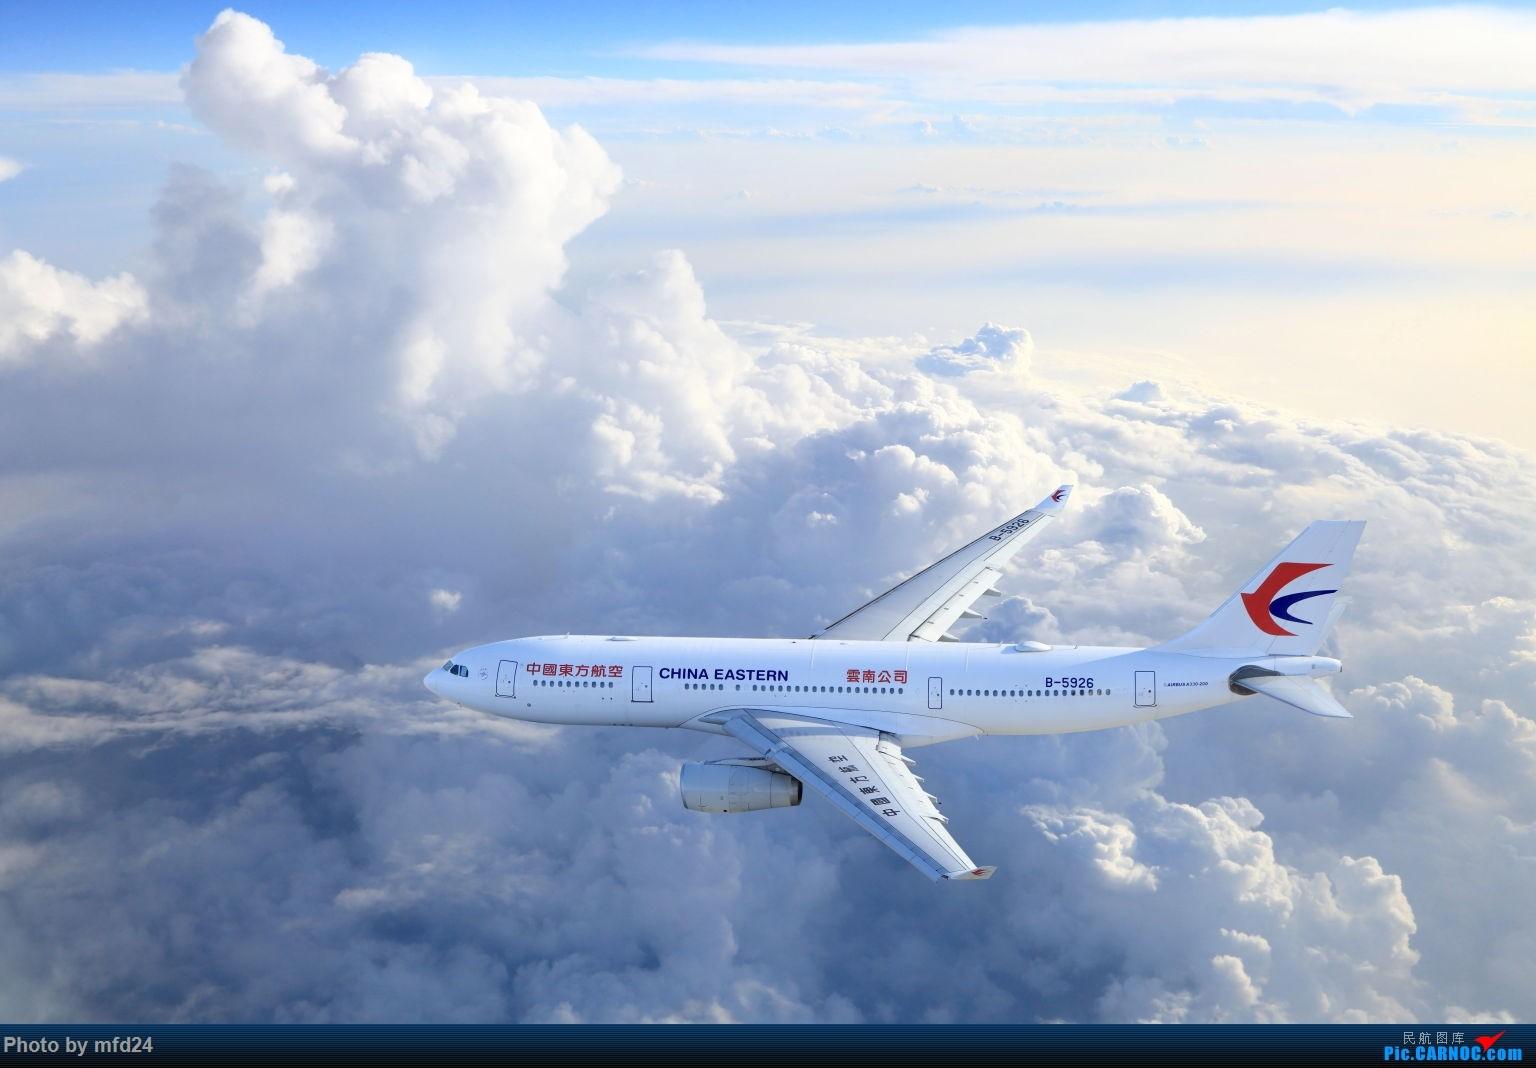 Re:[原创]来组高大上的空中航空摄影 AIRBUS A330-200 B-5926